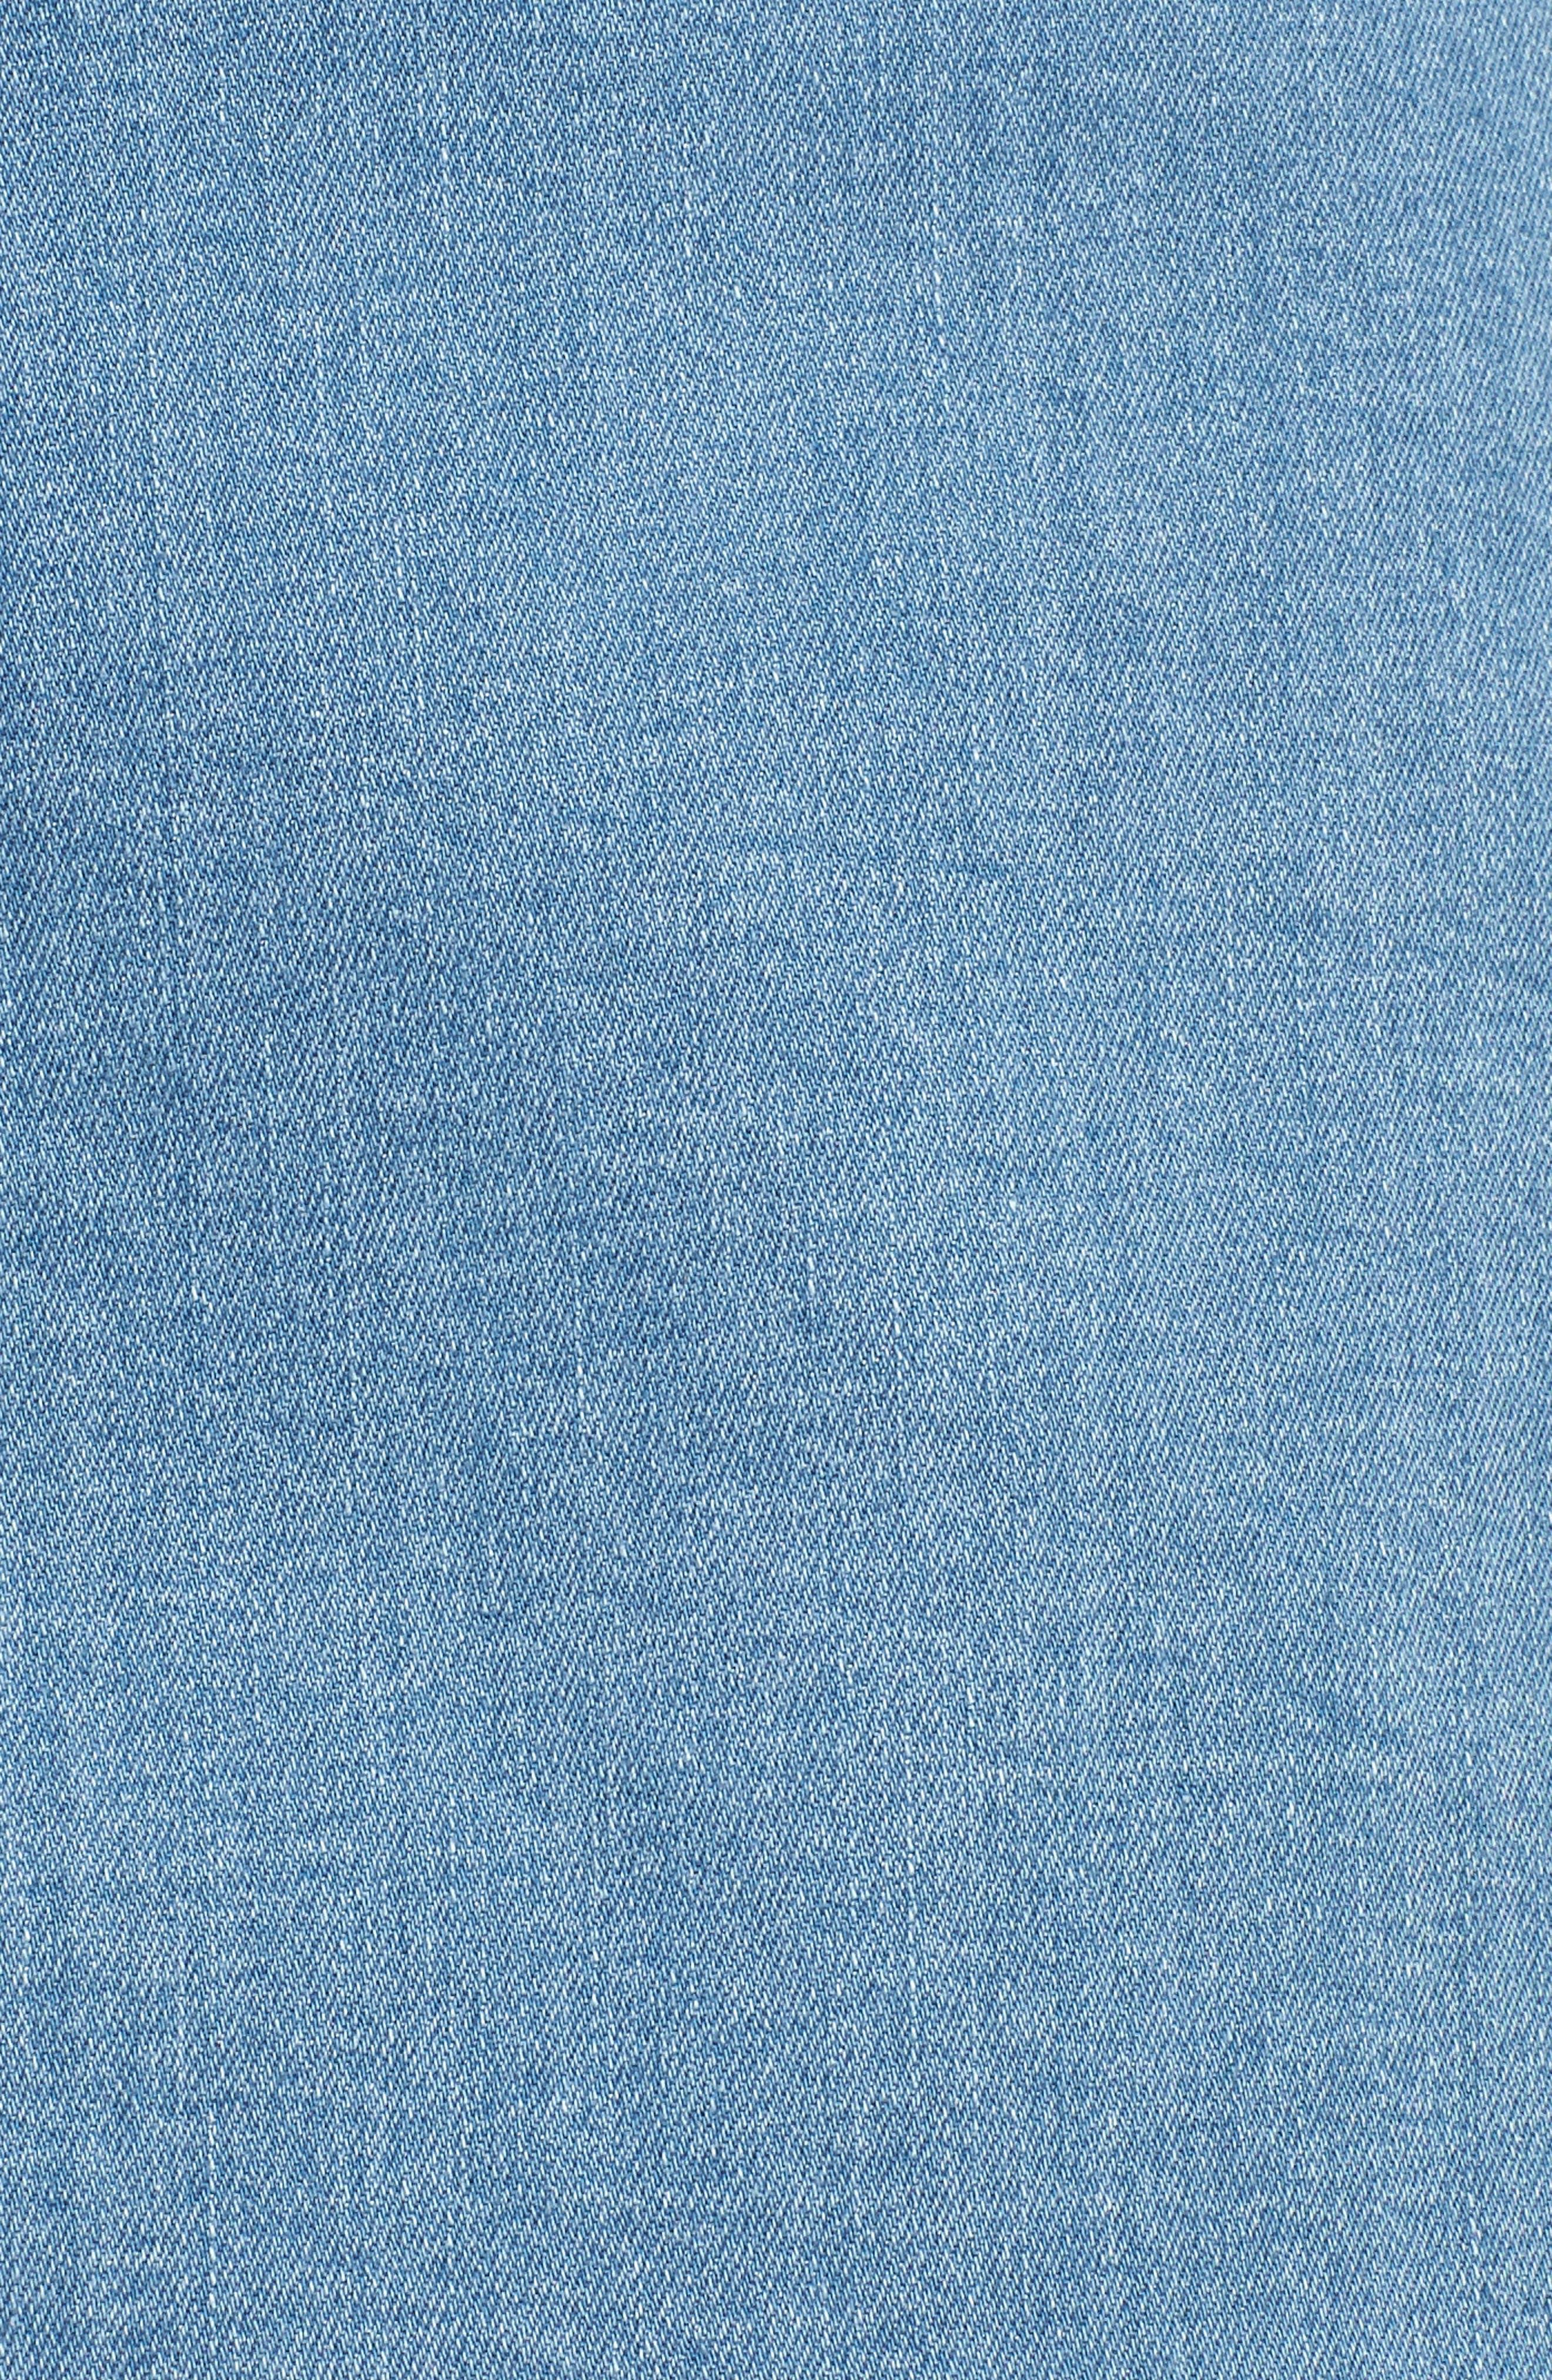 Scallop Denim Skirt,                             Alternate thumbnail 5, color,                             420